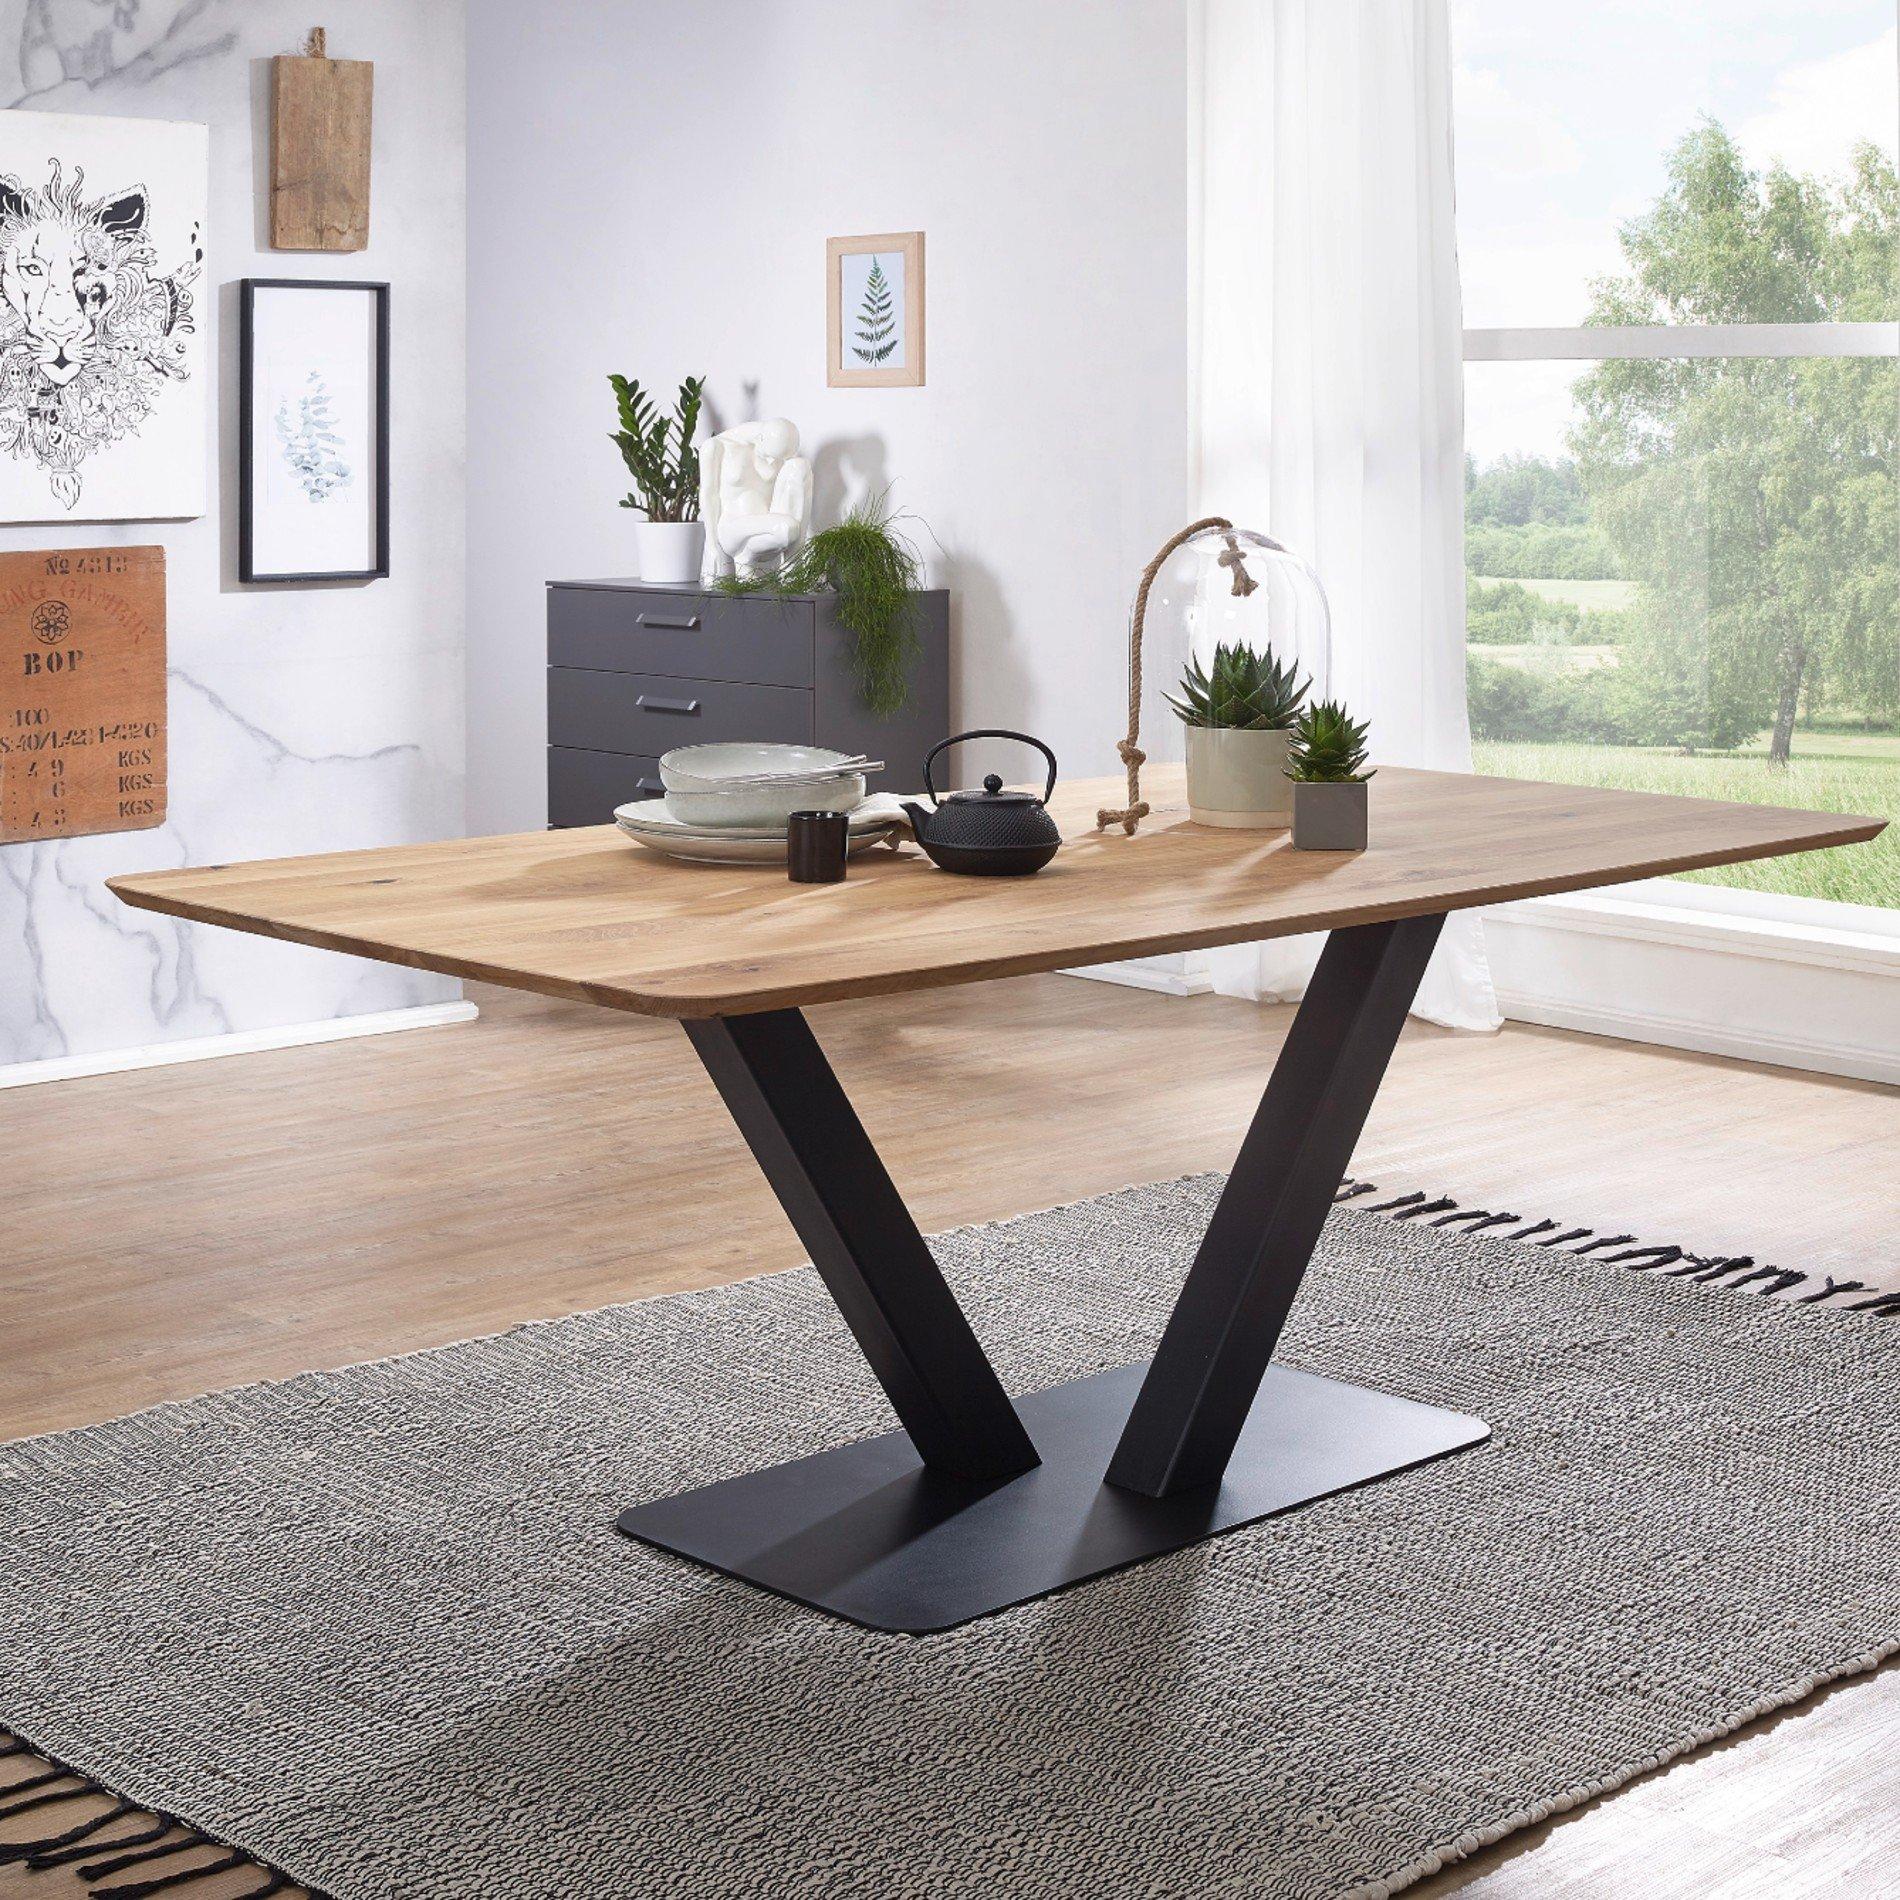 Full Size of Esstische Trendstore Gondo Esstisch Leichte Bootsform Massiv Holz Designer Massivholz Moderne Kleine Rund Runde Ausziehbar Design Esstische Esstische